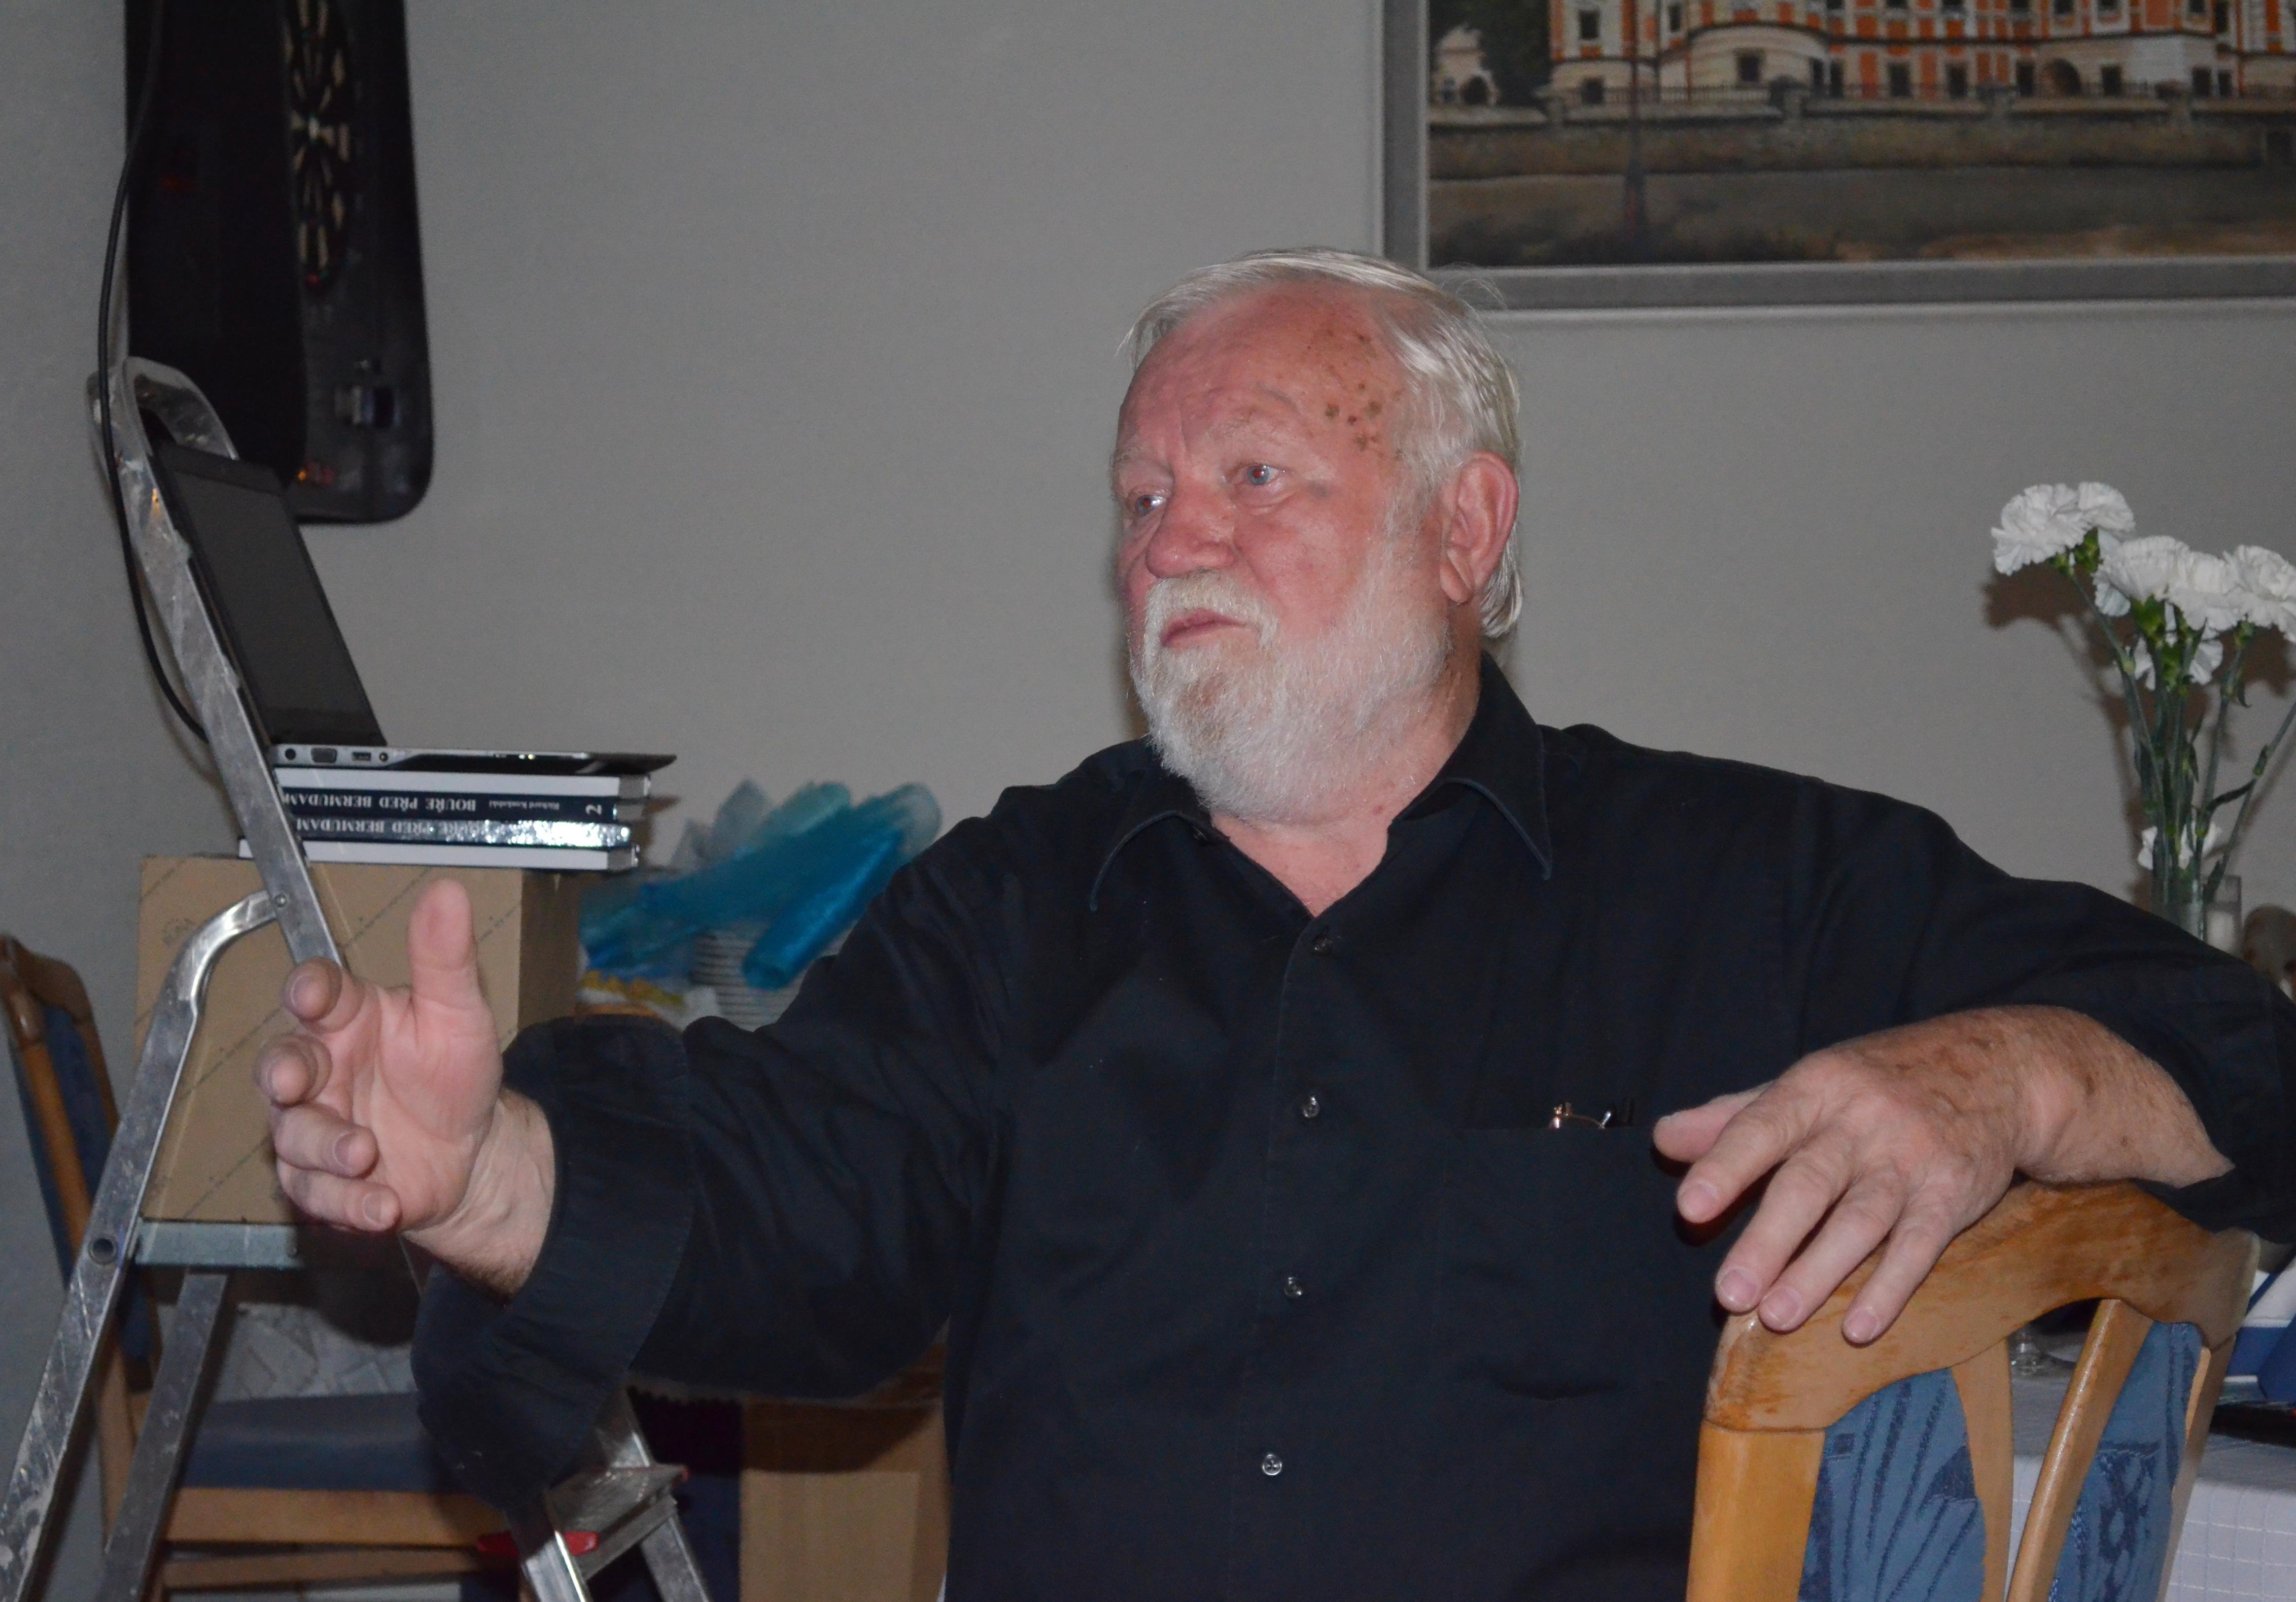 Richard-Konkolski